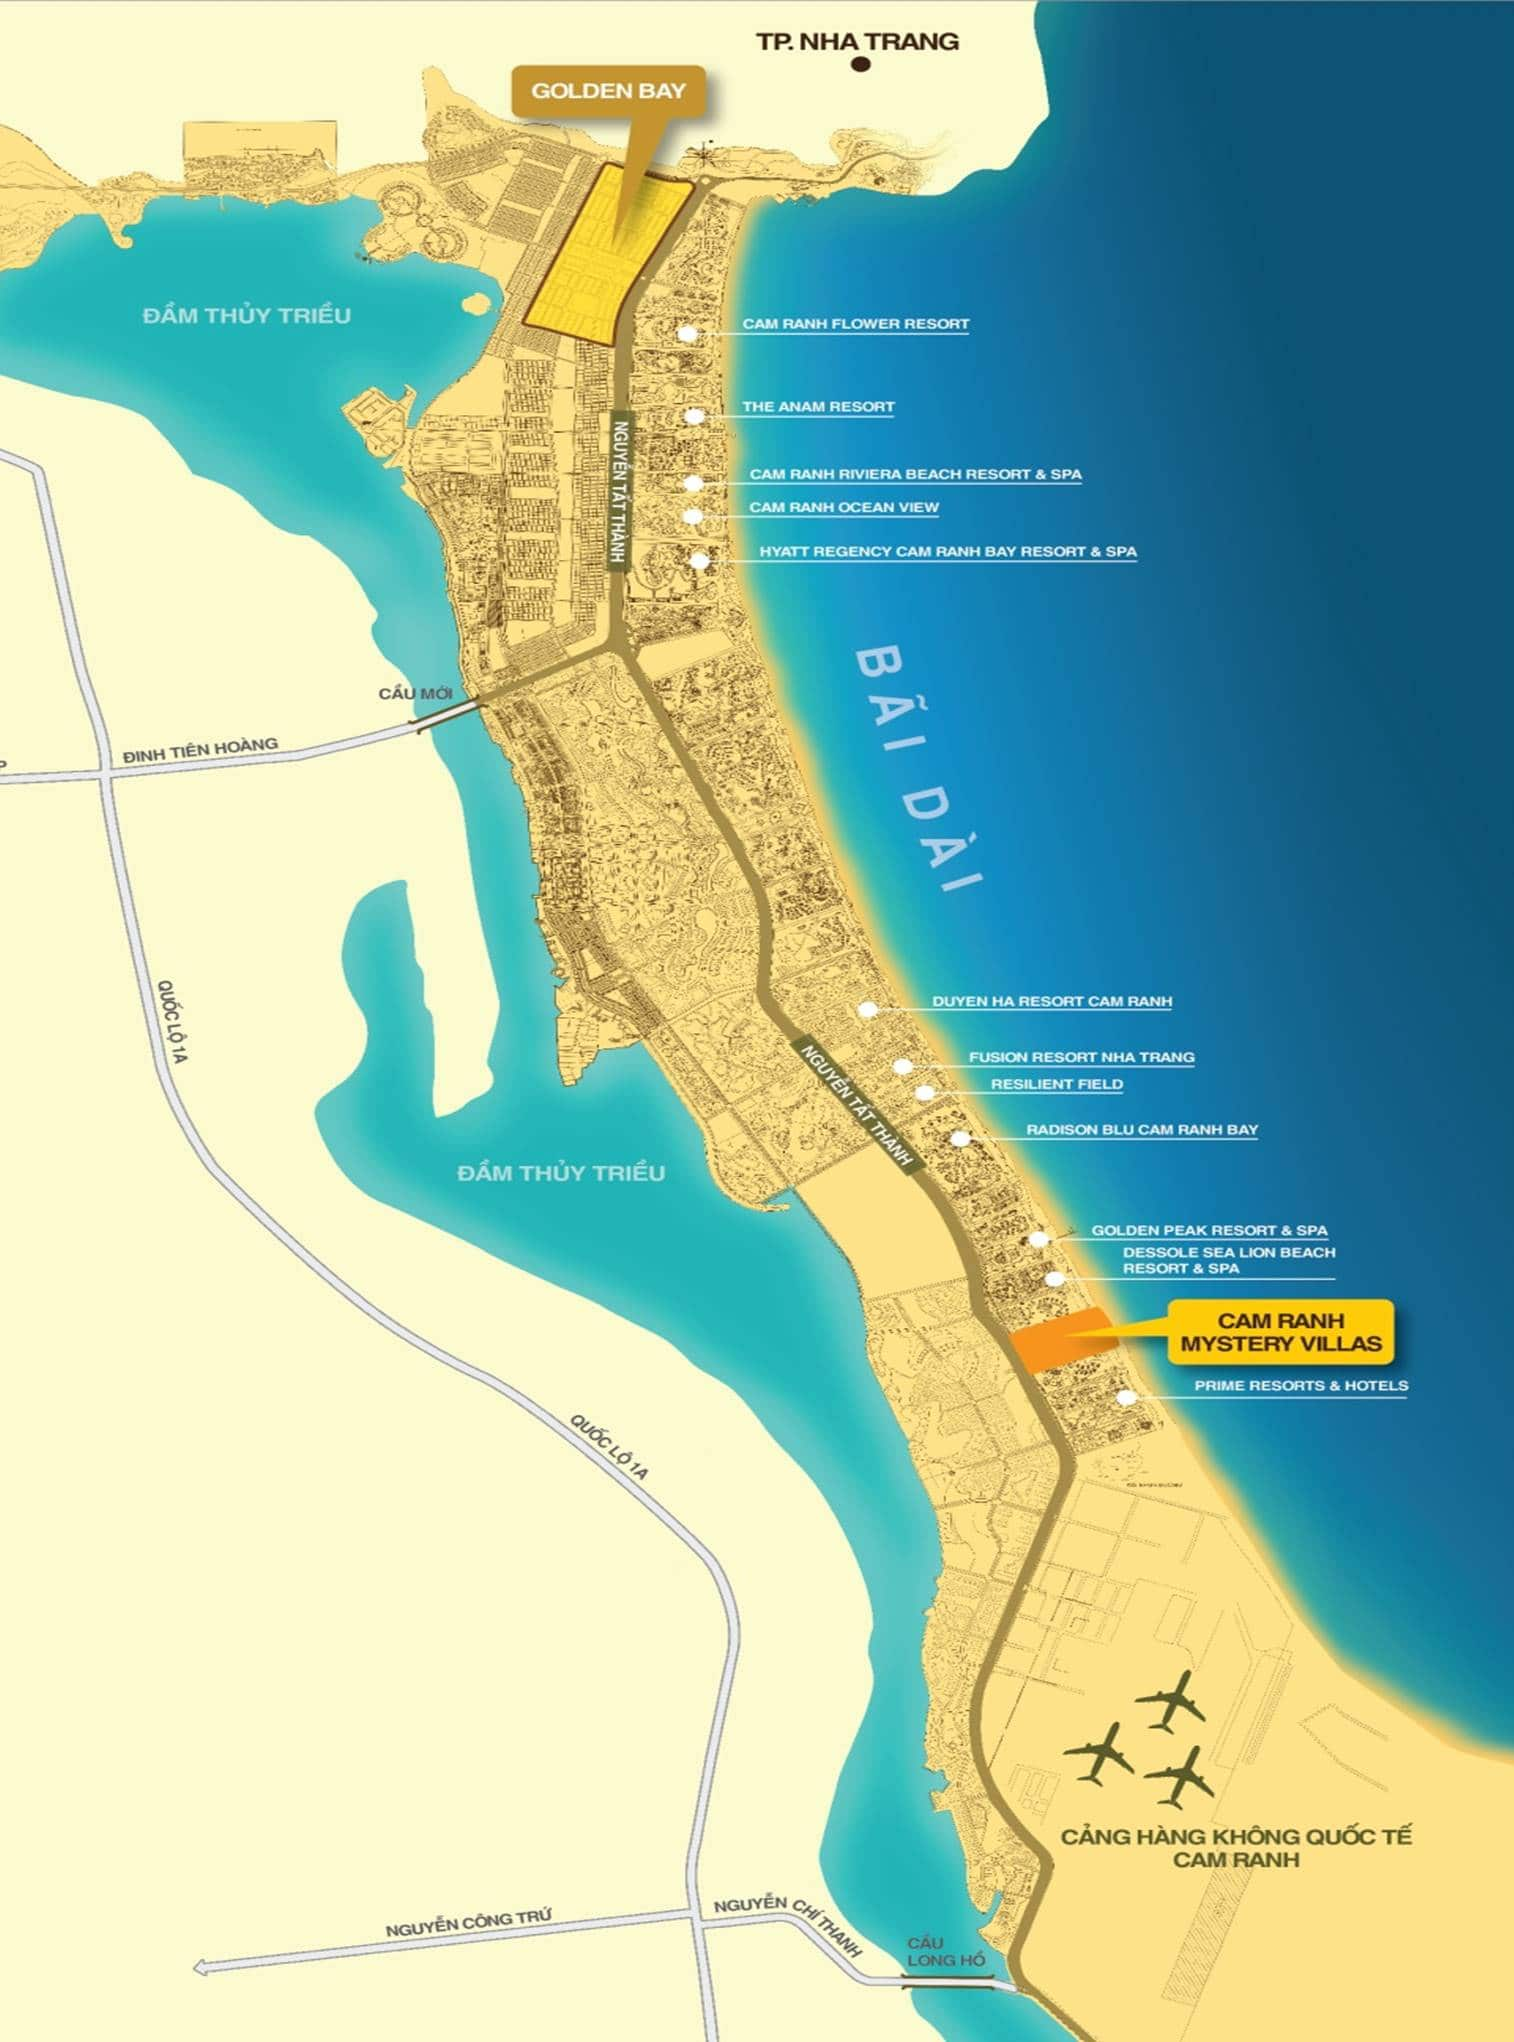 Cam Ranh Mystery Villas sở hữu vị trí rất đẹp tại bãi dài Cam Ranh - Khu Du Lịch Quốc Tế Bắc Bán Đảo Cam Ranh